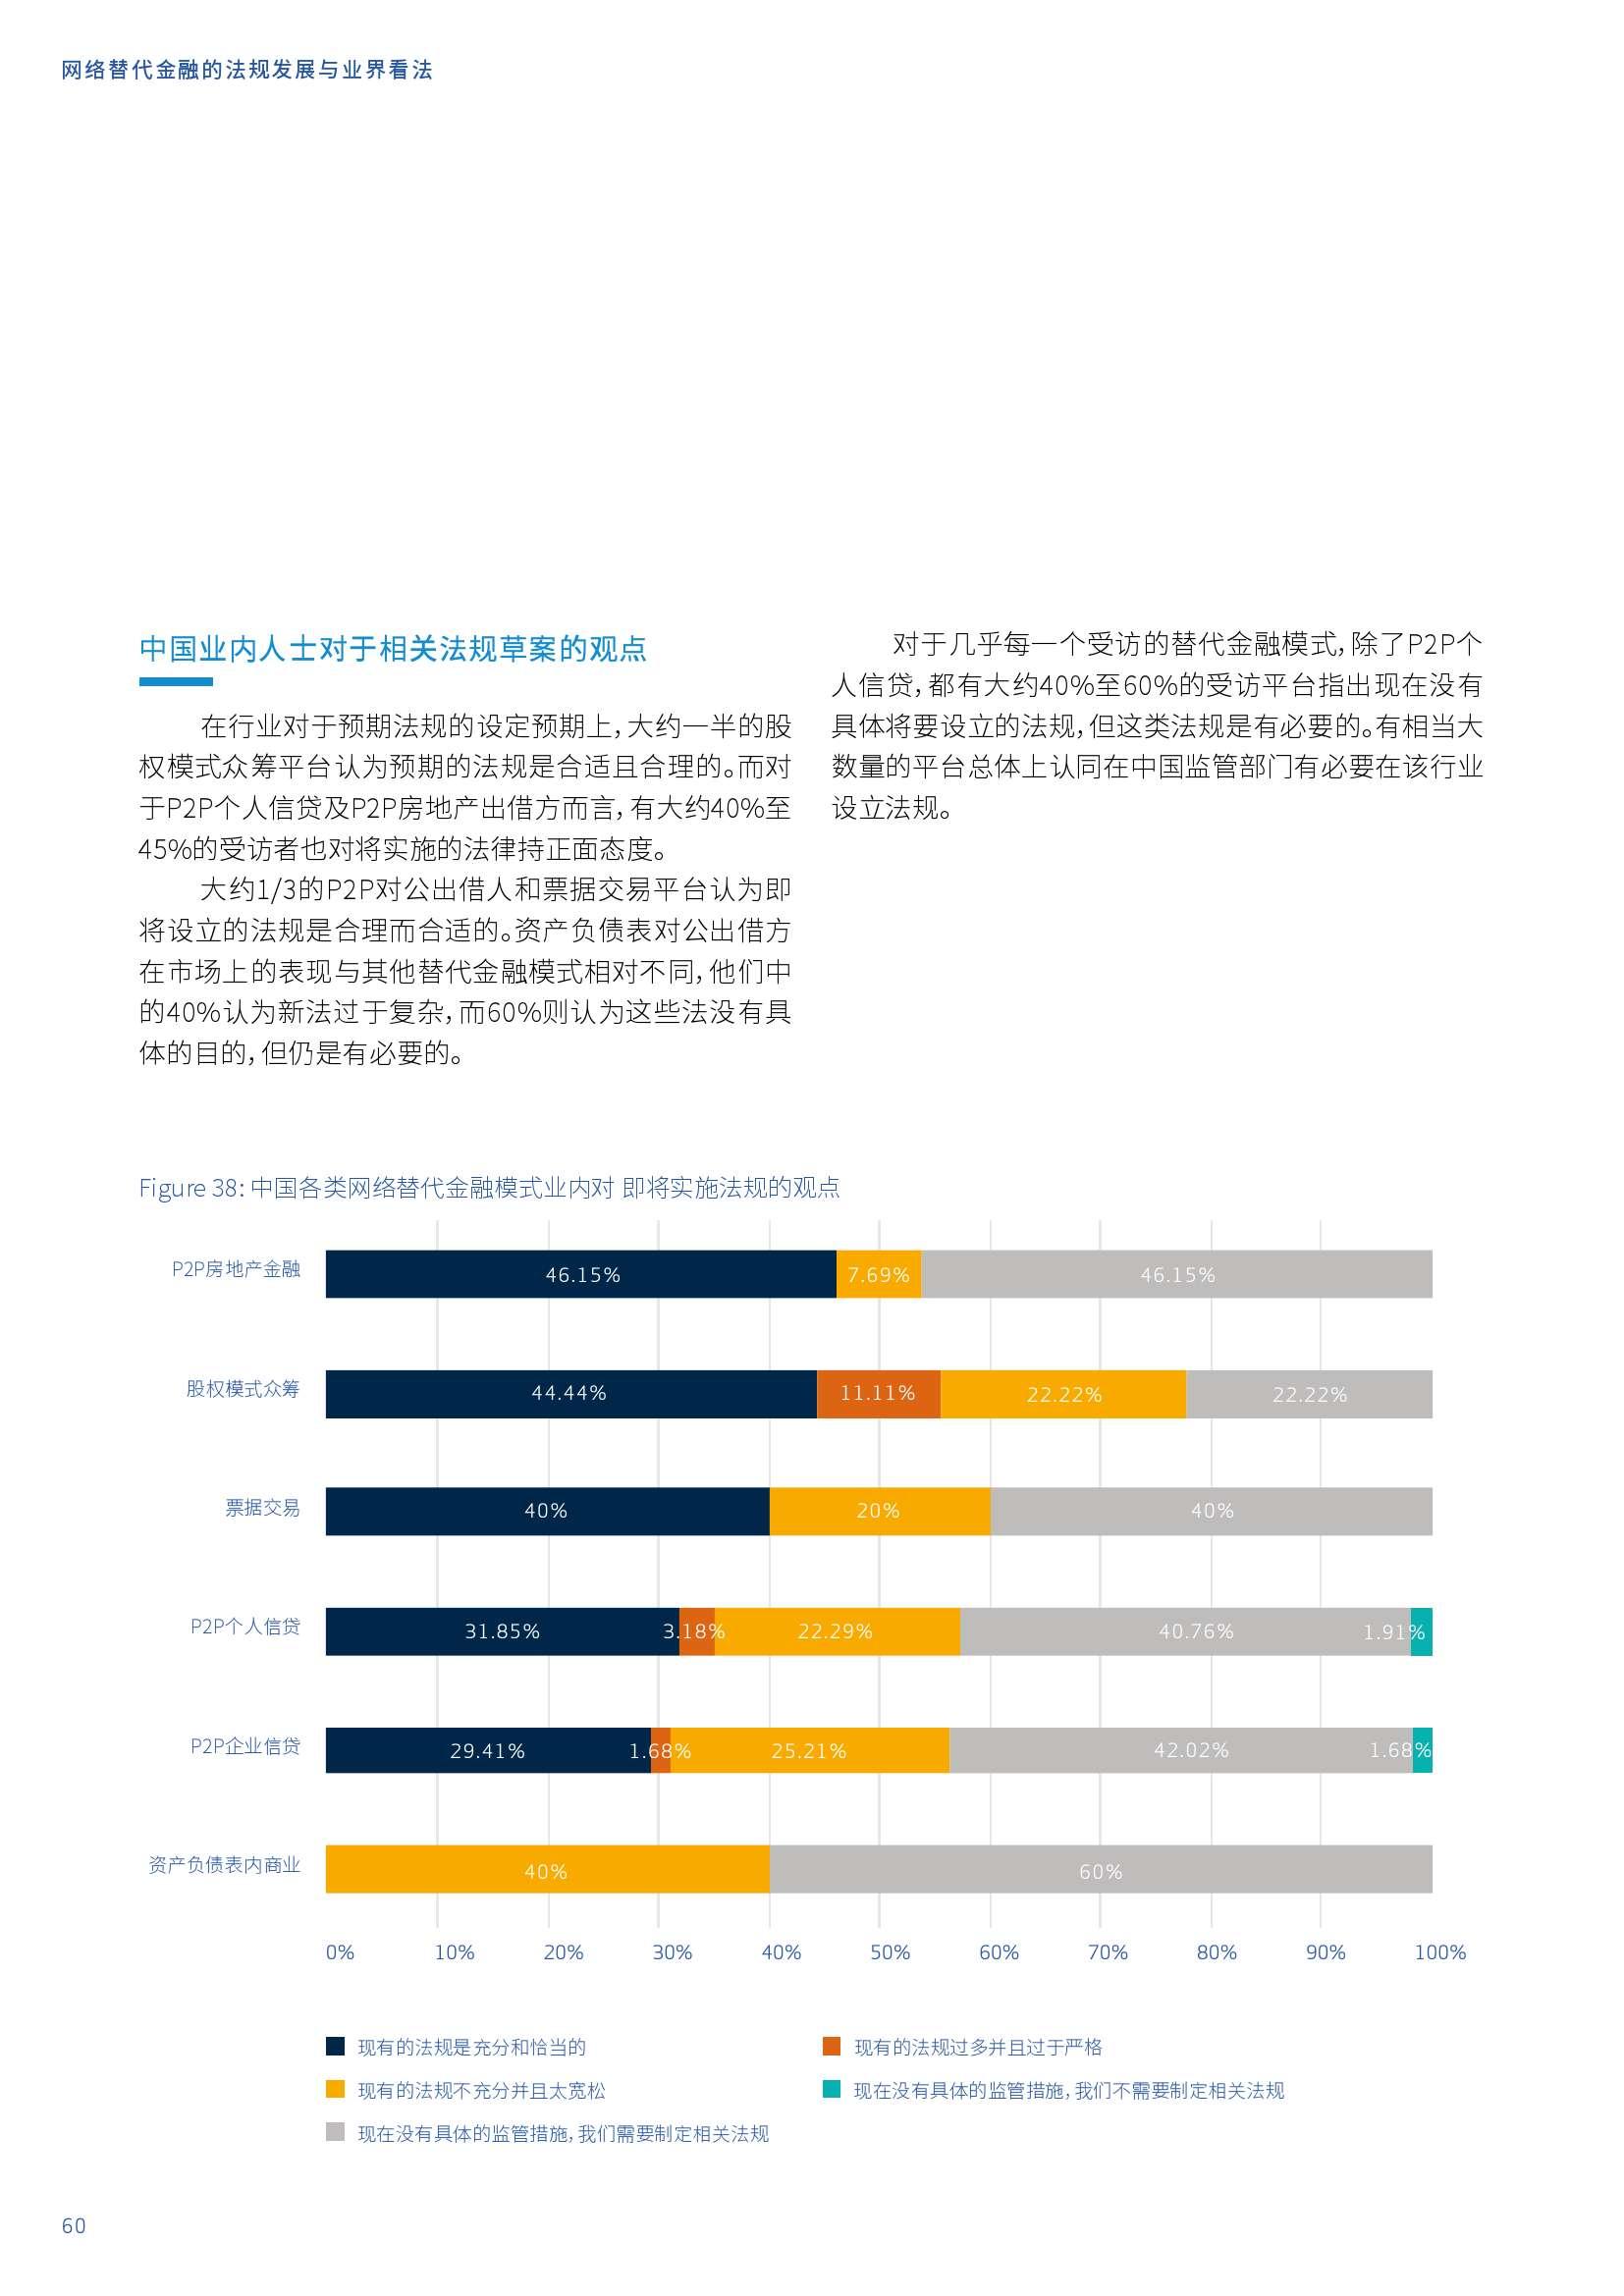 亚太地区网络替代金融基准报告_000060